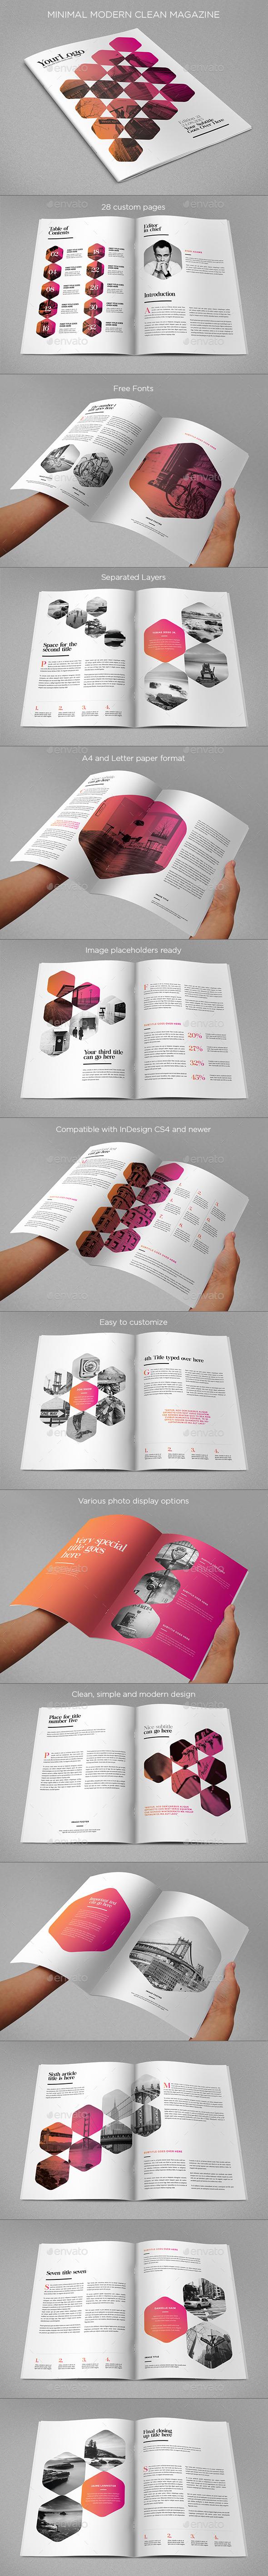 GraphicRiver Minimal Modern Clean Magazine 11295103